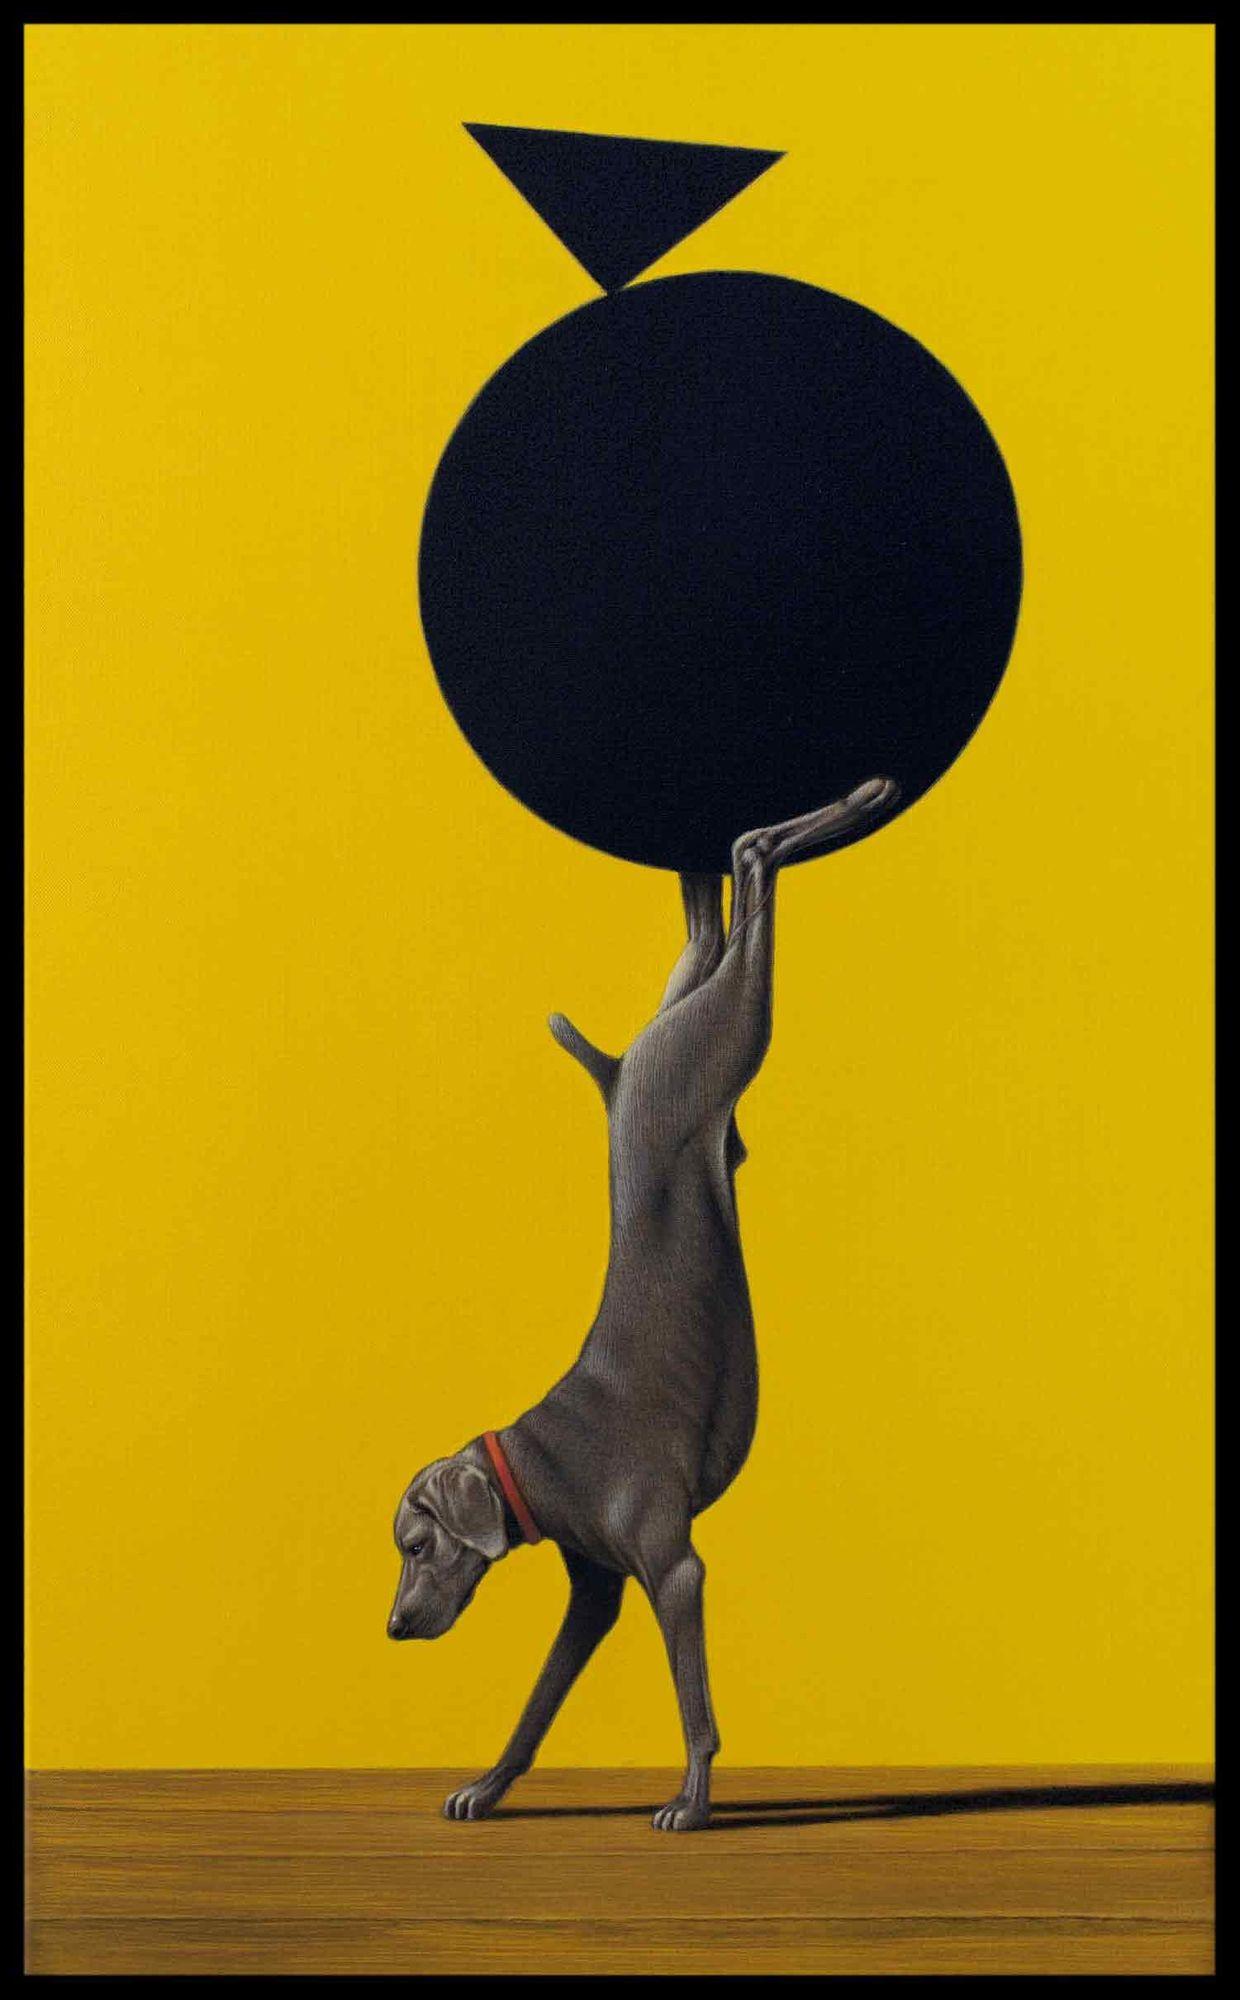 schwarzer Hahn Galerie